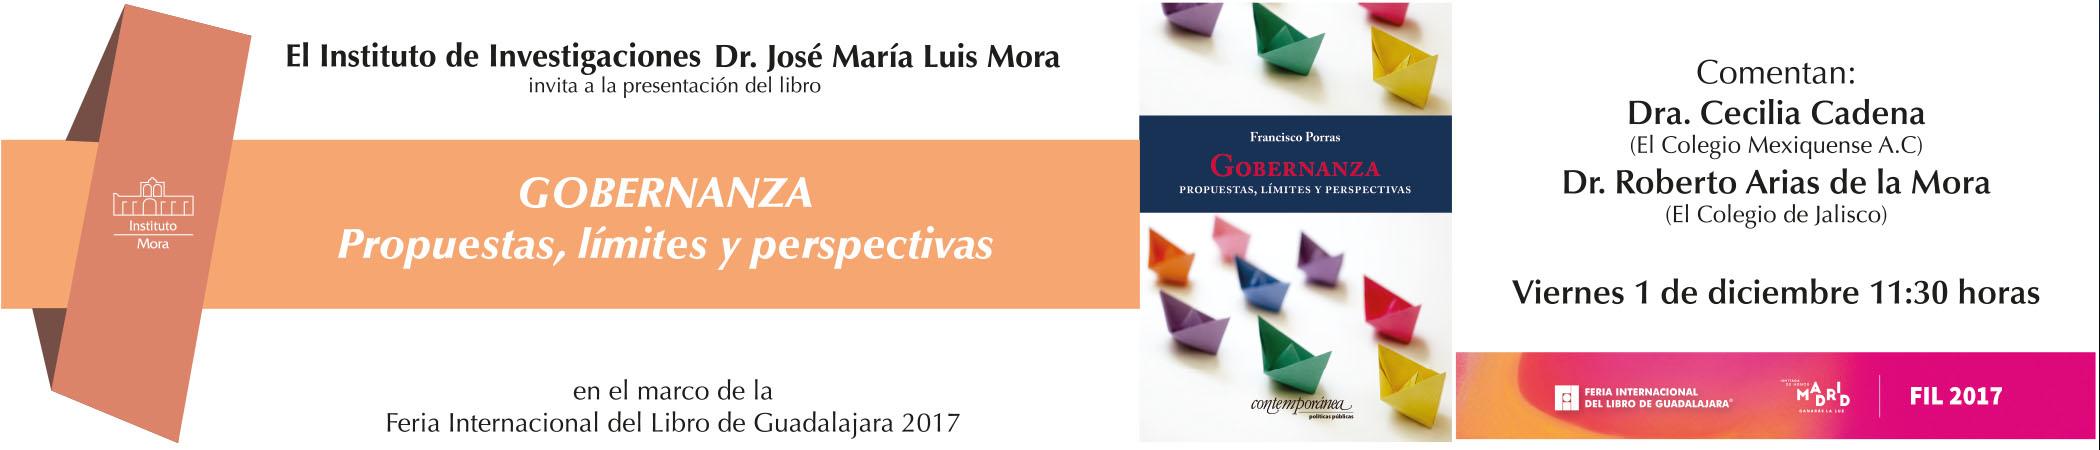 Presentación del libro Gobernanza: propuestas, límites y perspectivas